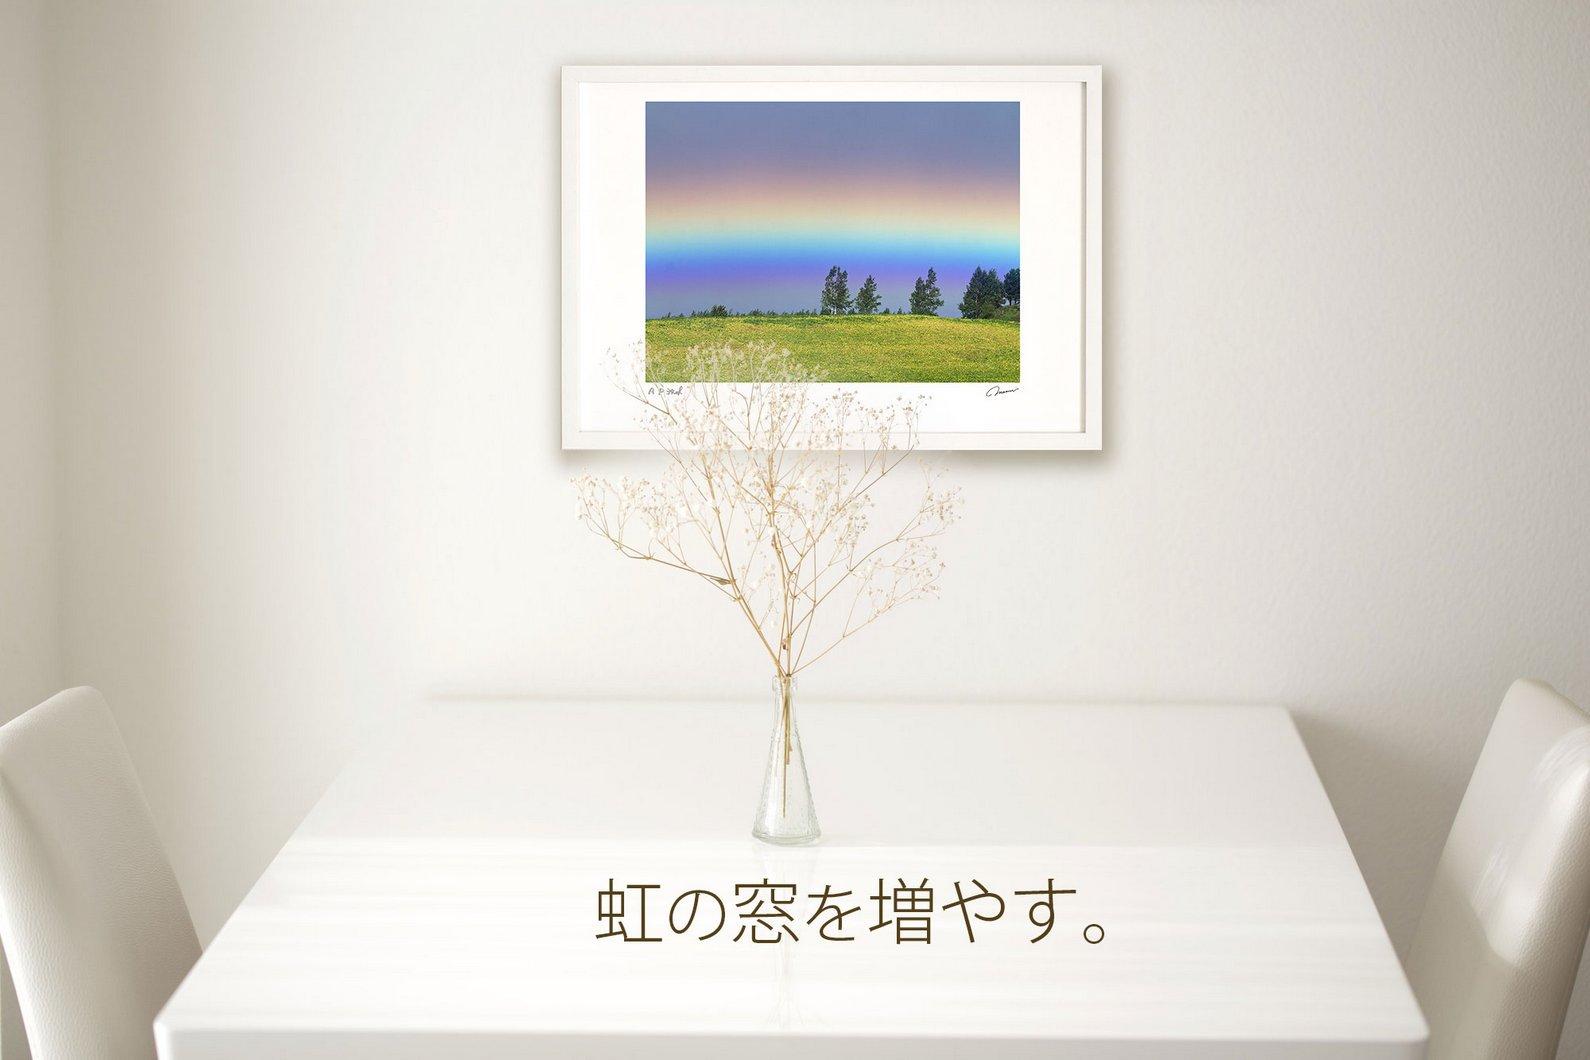 《アートフォト》太陽と白砂にうつる波紋(撮影地:沖縄)(レンタル対象)